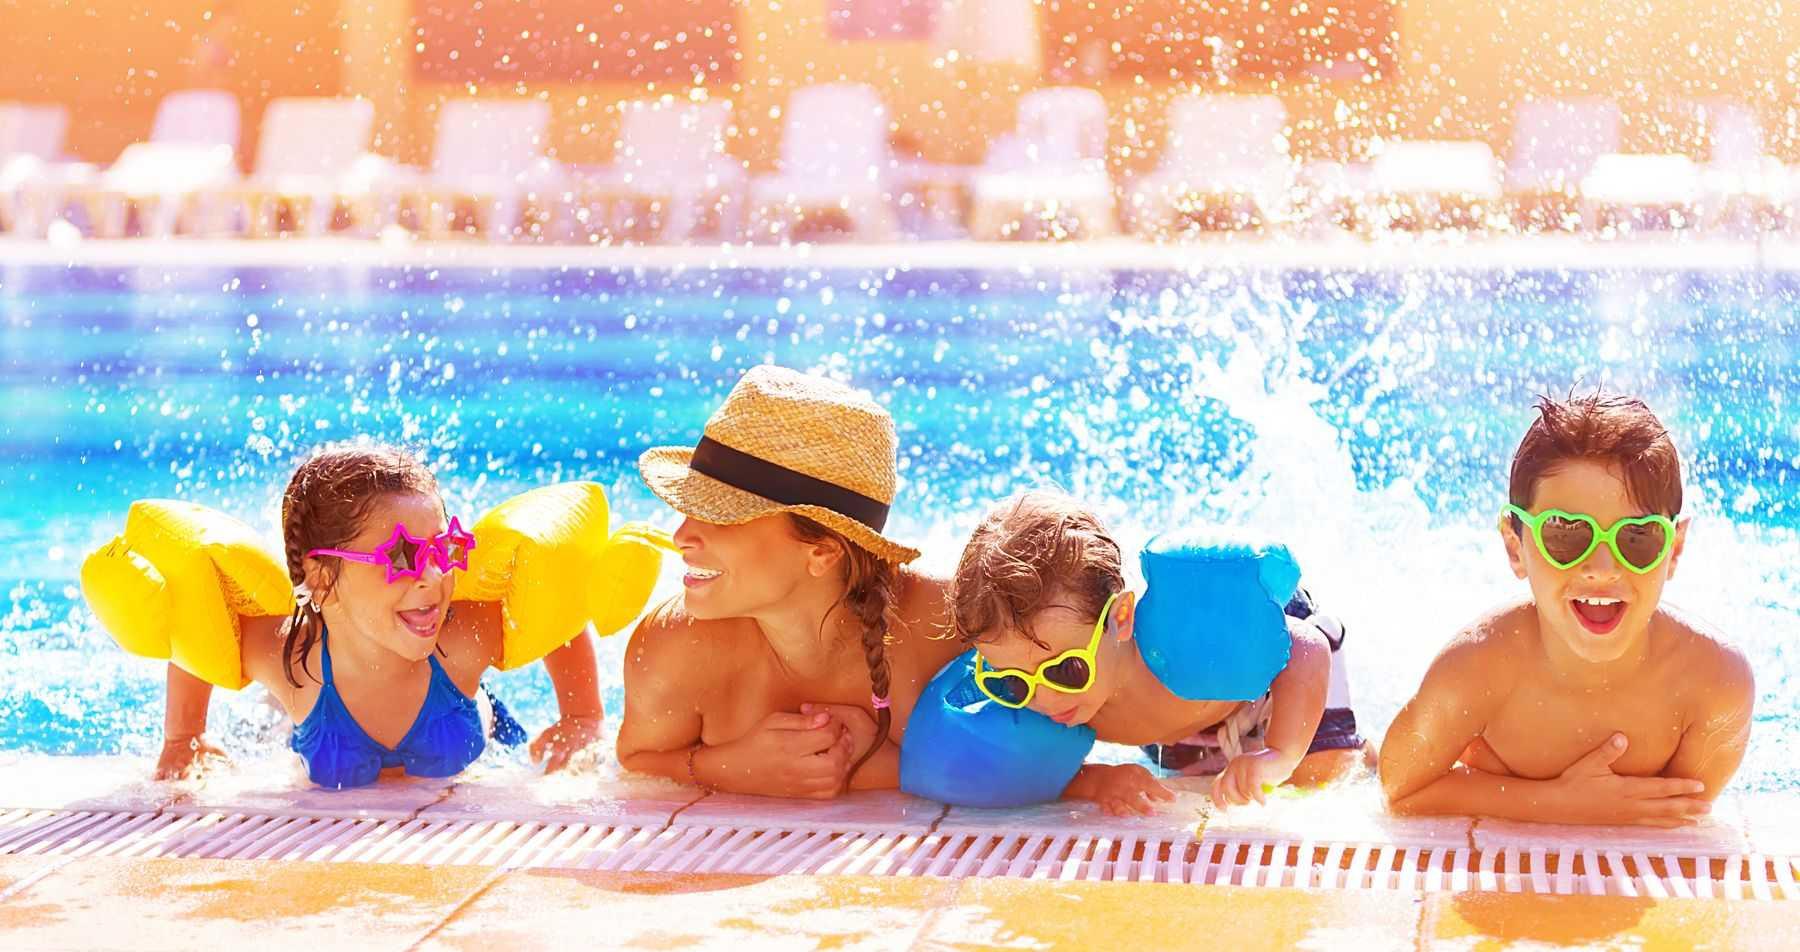 Žiemos vaikų atostogas praleiskite su visa šeima! Atrinkome geriausius pasiūlymus į Egiptą, kur poilsis be rūpesčių – garantuotas!